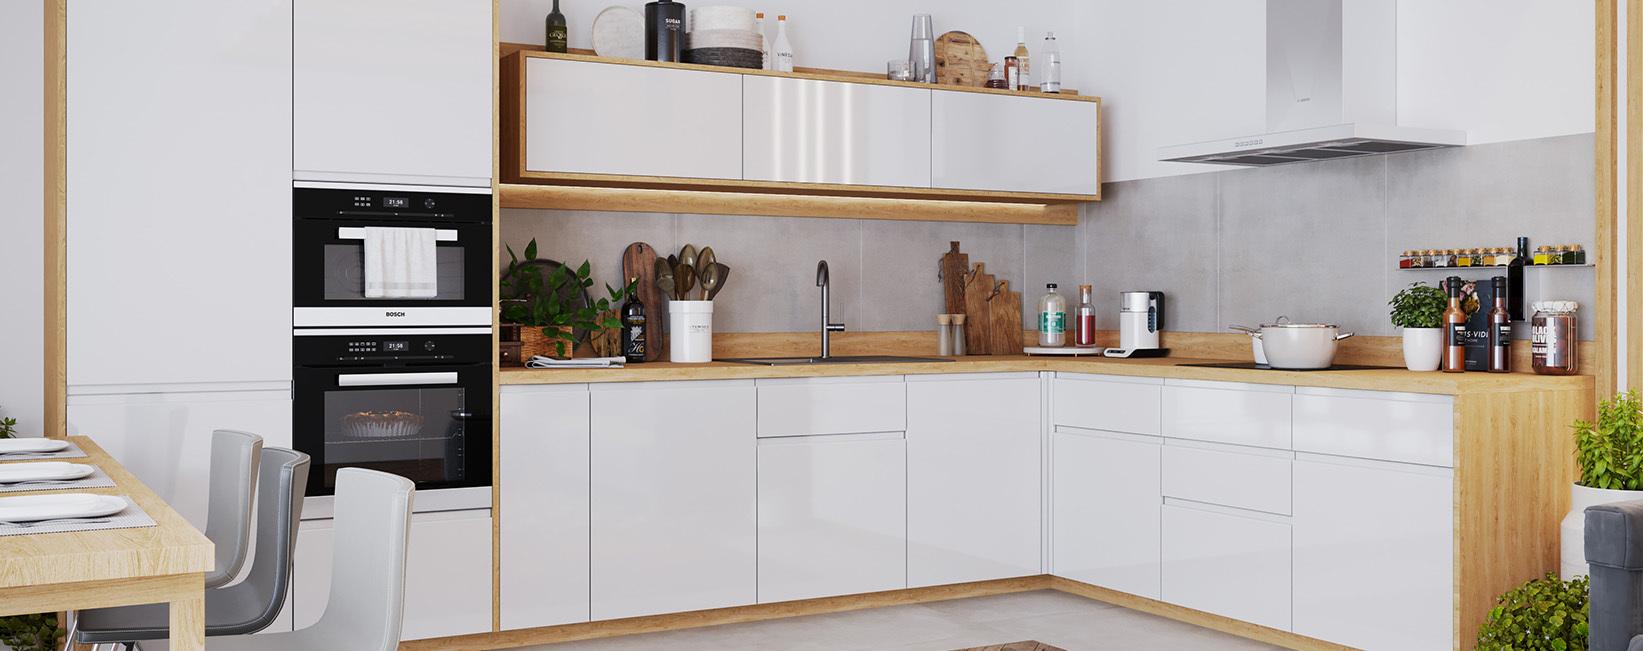 Modułowa Kuchnia Qubik Salony Agata